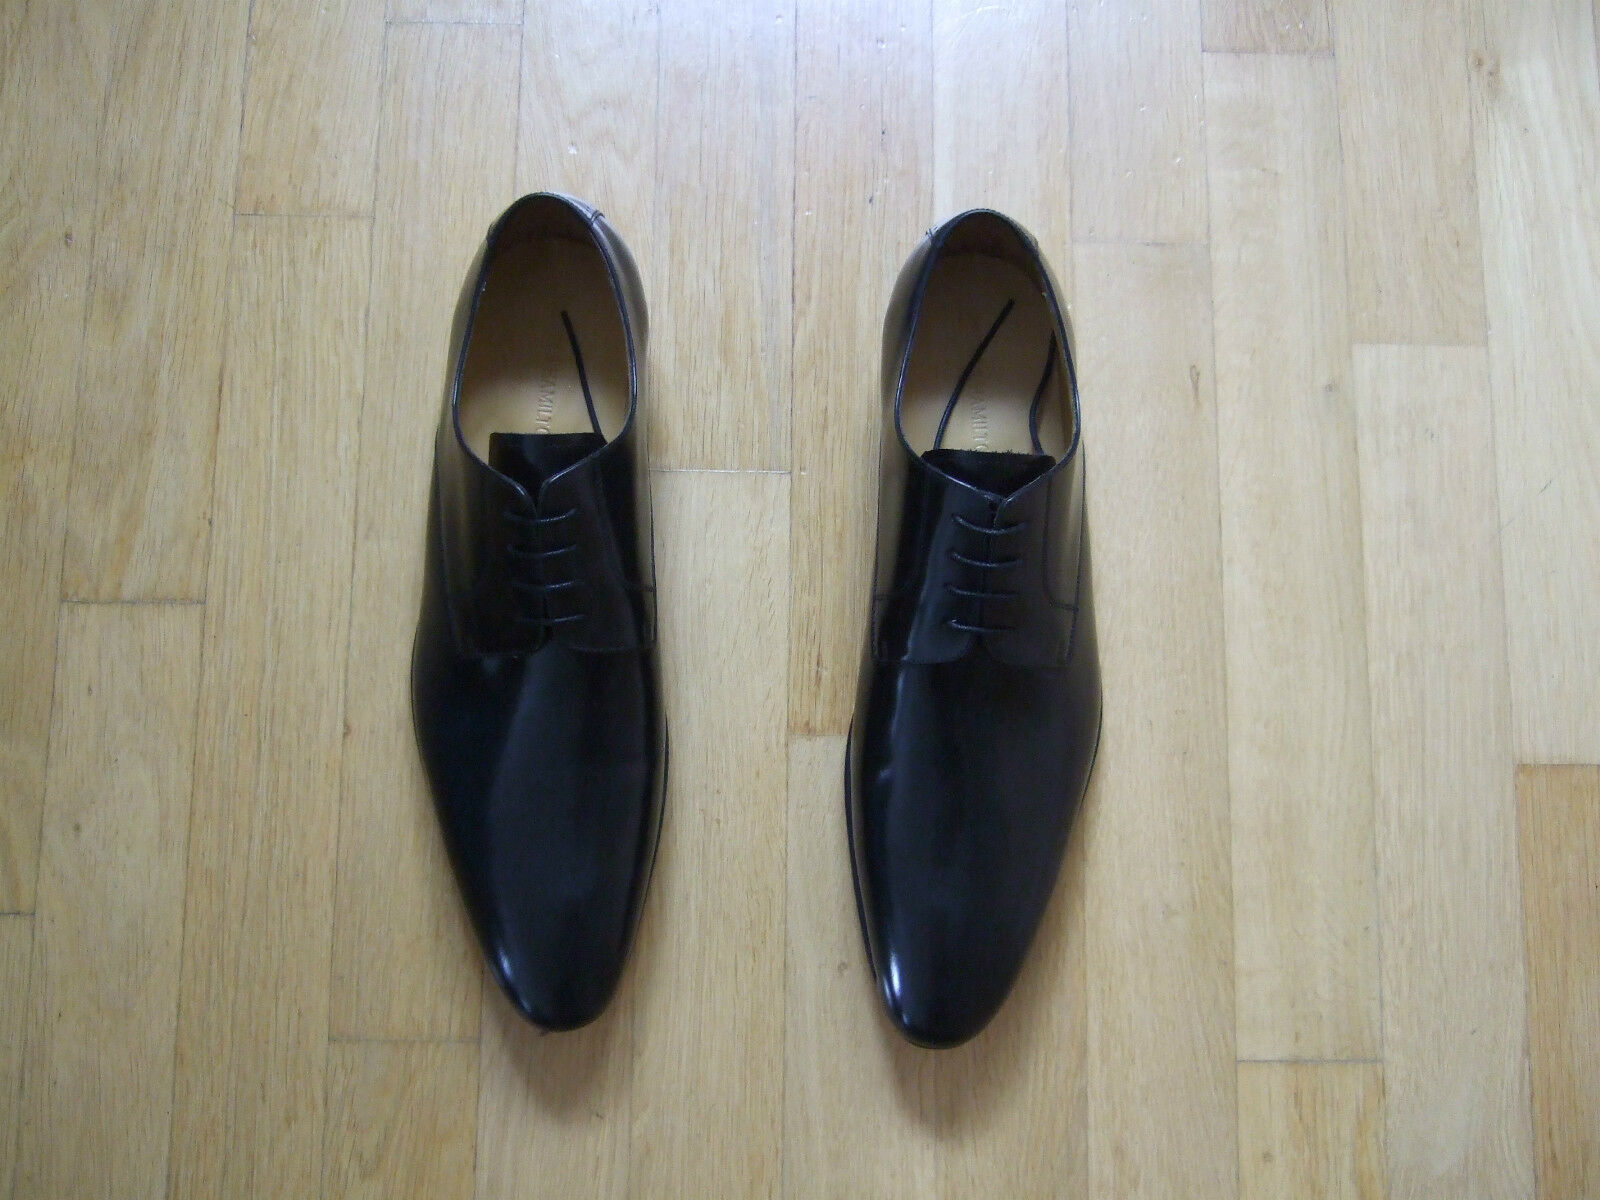 Neu HAMILTON elegante Schnürrschuhe MELVIN & HAMILTON Neu Größe 52 schwarz innen außen Leder b732dc